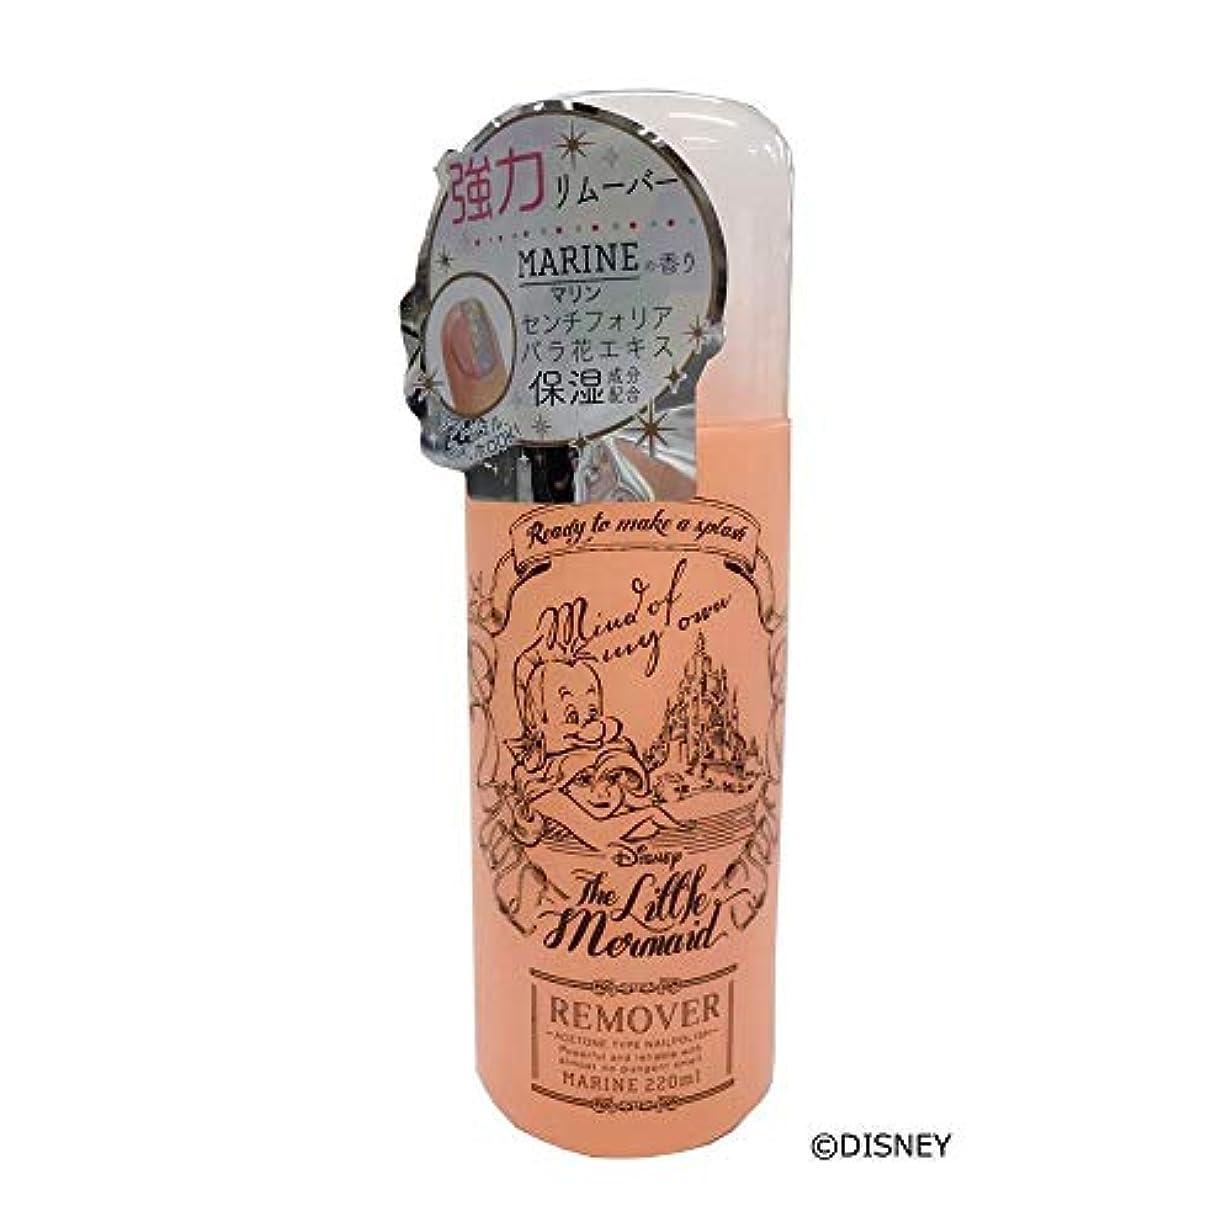 高音コメンテーター反逆ドリームドロップコレクション プリンセスコレクション ネイルリムーバー アリエル -マリンの香り- DN04968